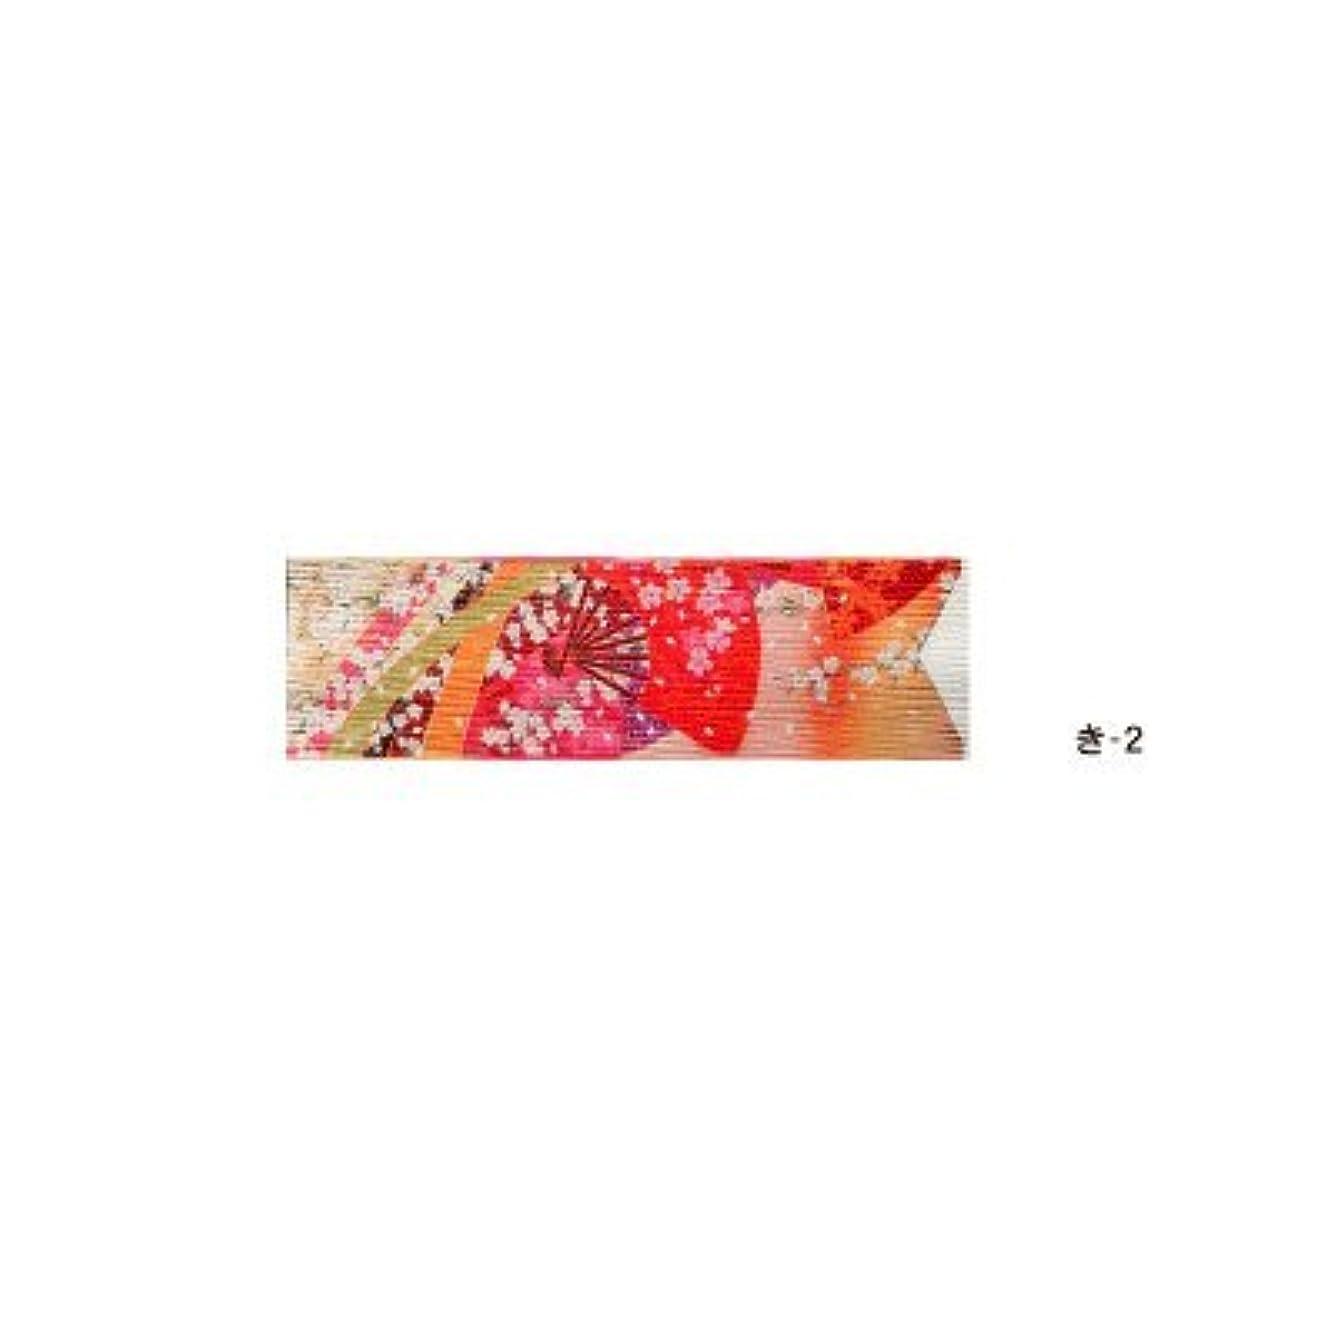 エンティティ懸念田舎箸袋 ハカマ きものシリーズ き-2 500枚入り